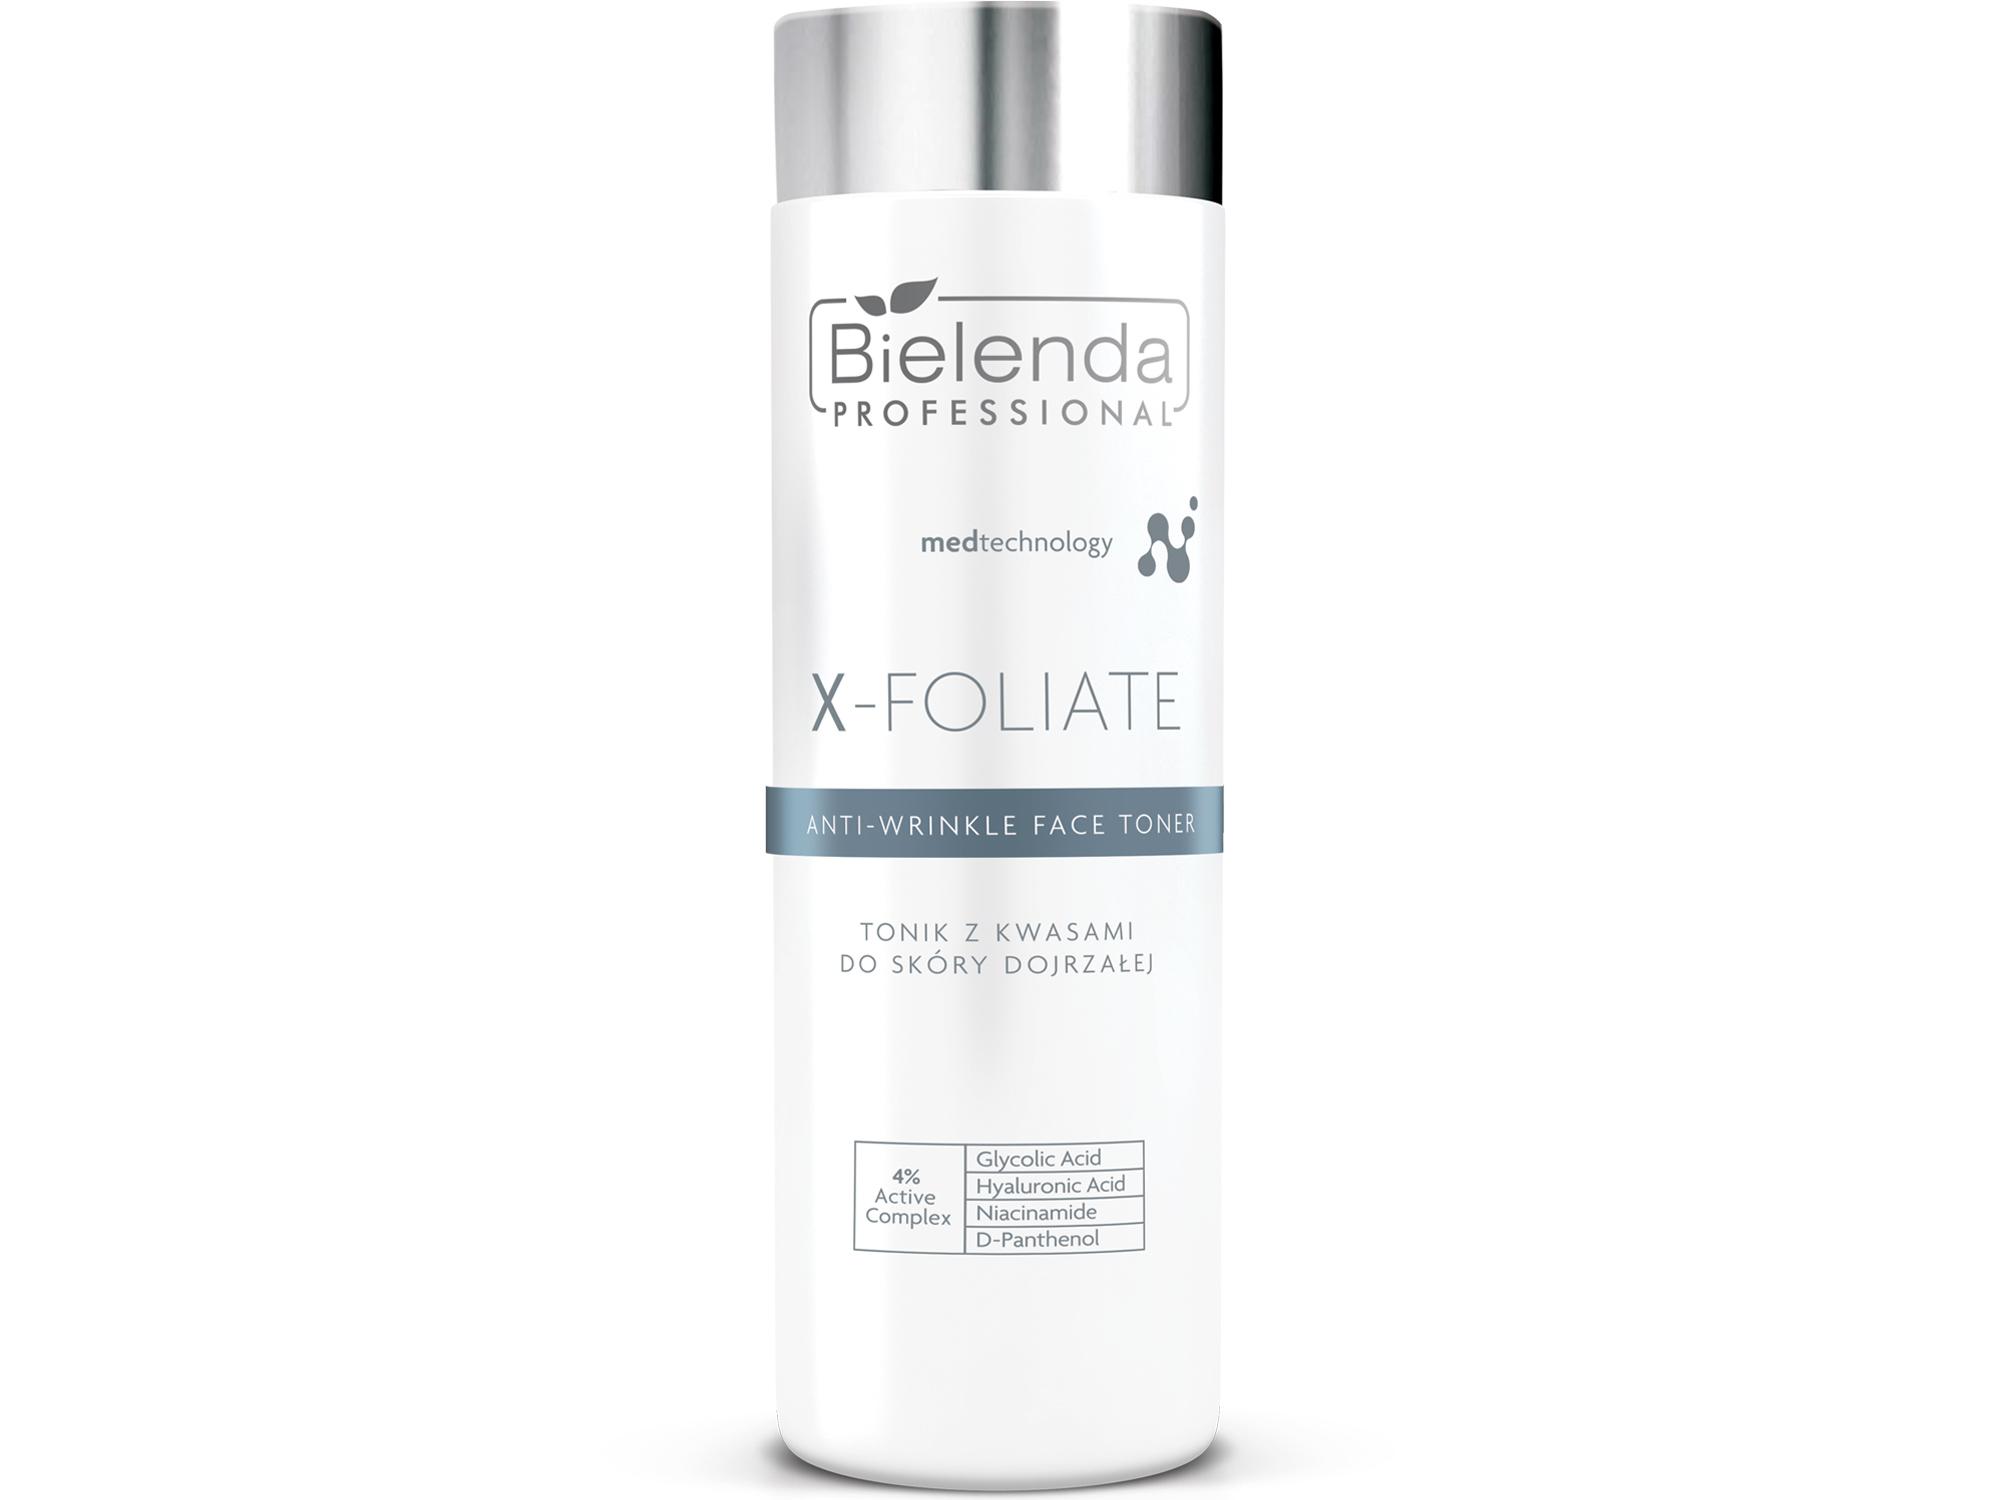 X-FOLIATE Anti Wrinkle Кислотный тоник с лифтинг эффектом